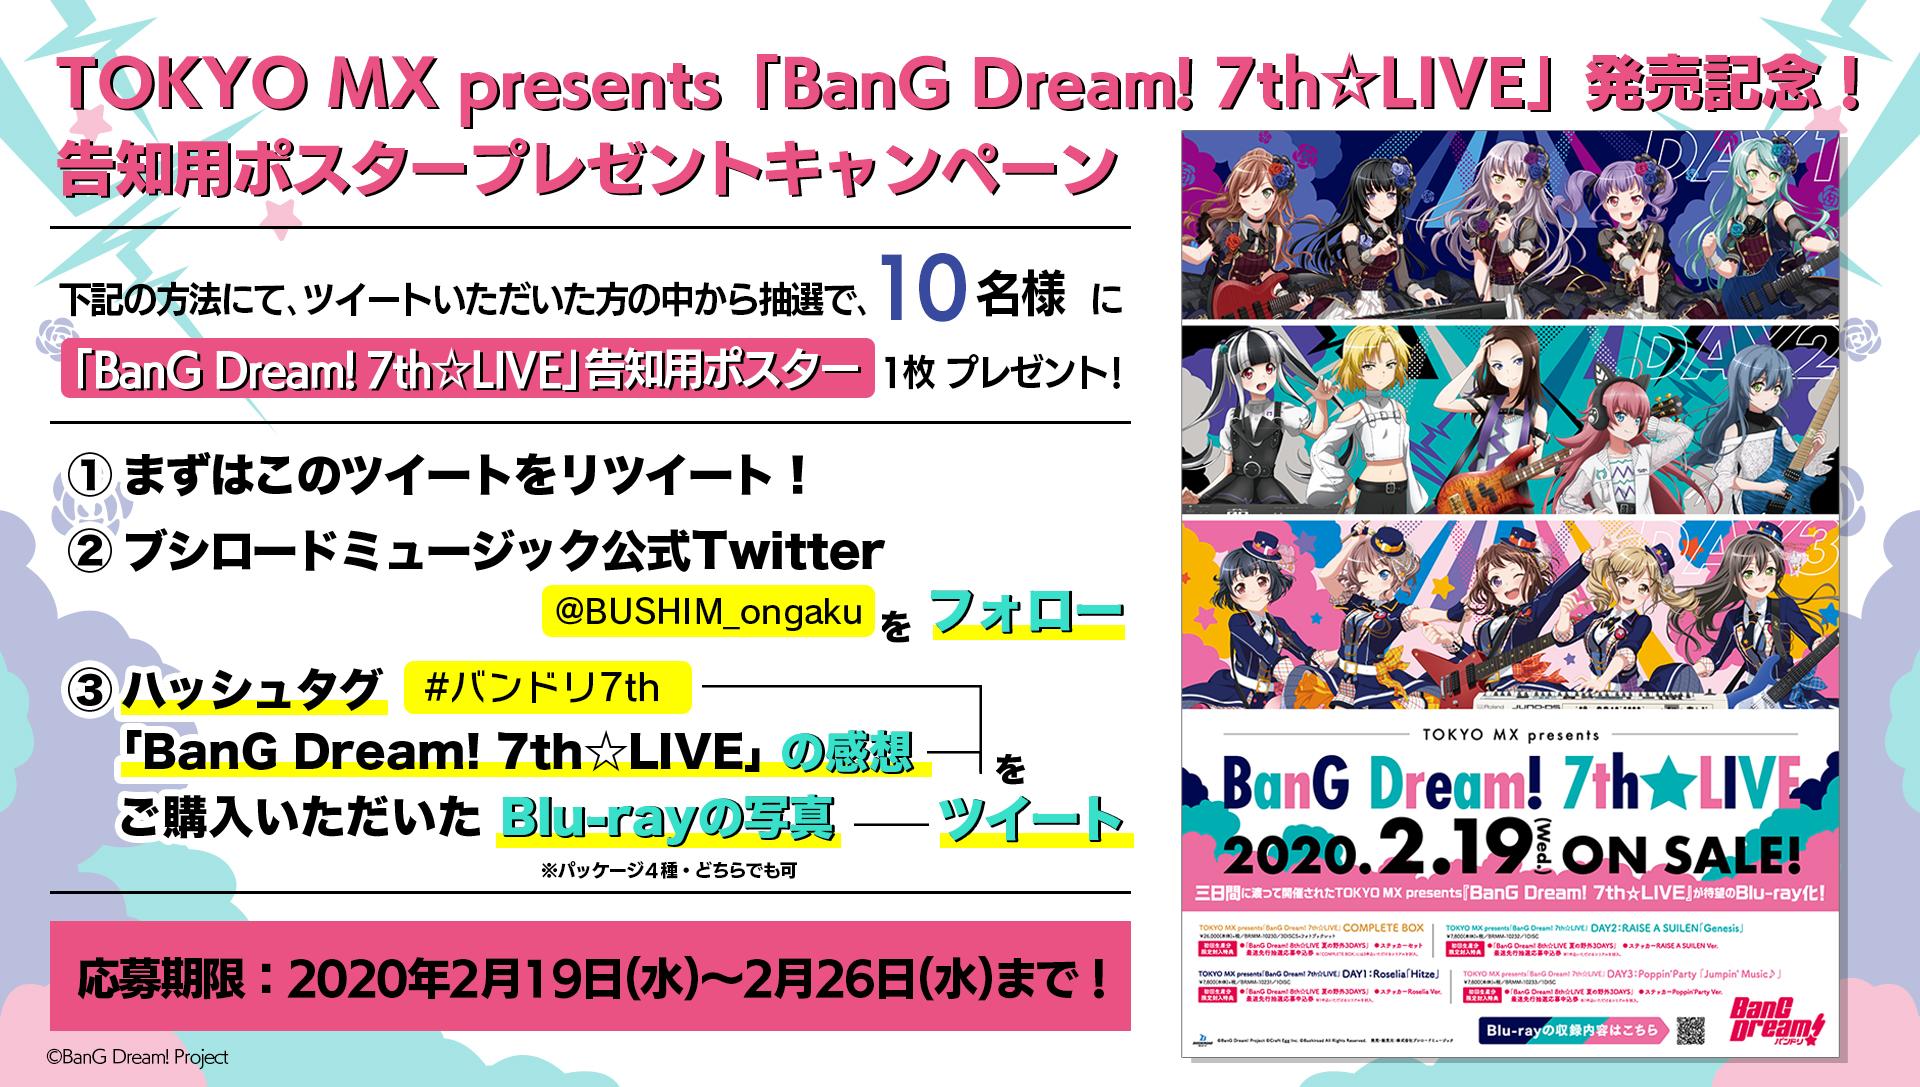 TOKYO MX presents「BanG Dream! 7th☆LIVE」発売記念 告知用ポスタープレゼントキャンペーン開催